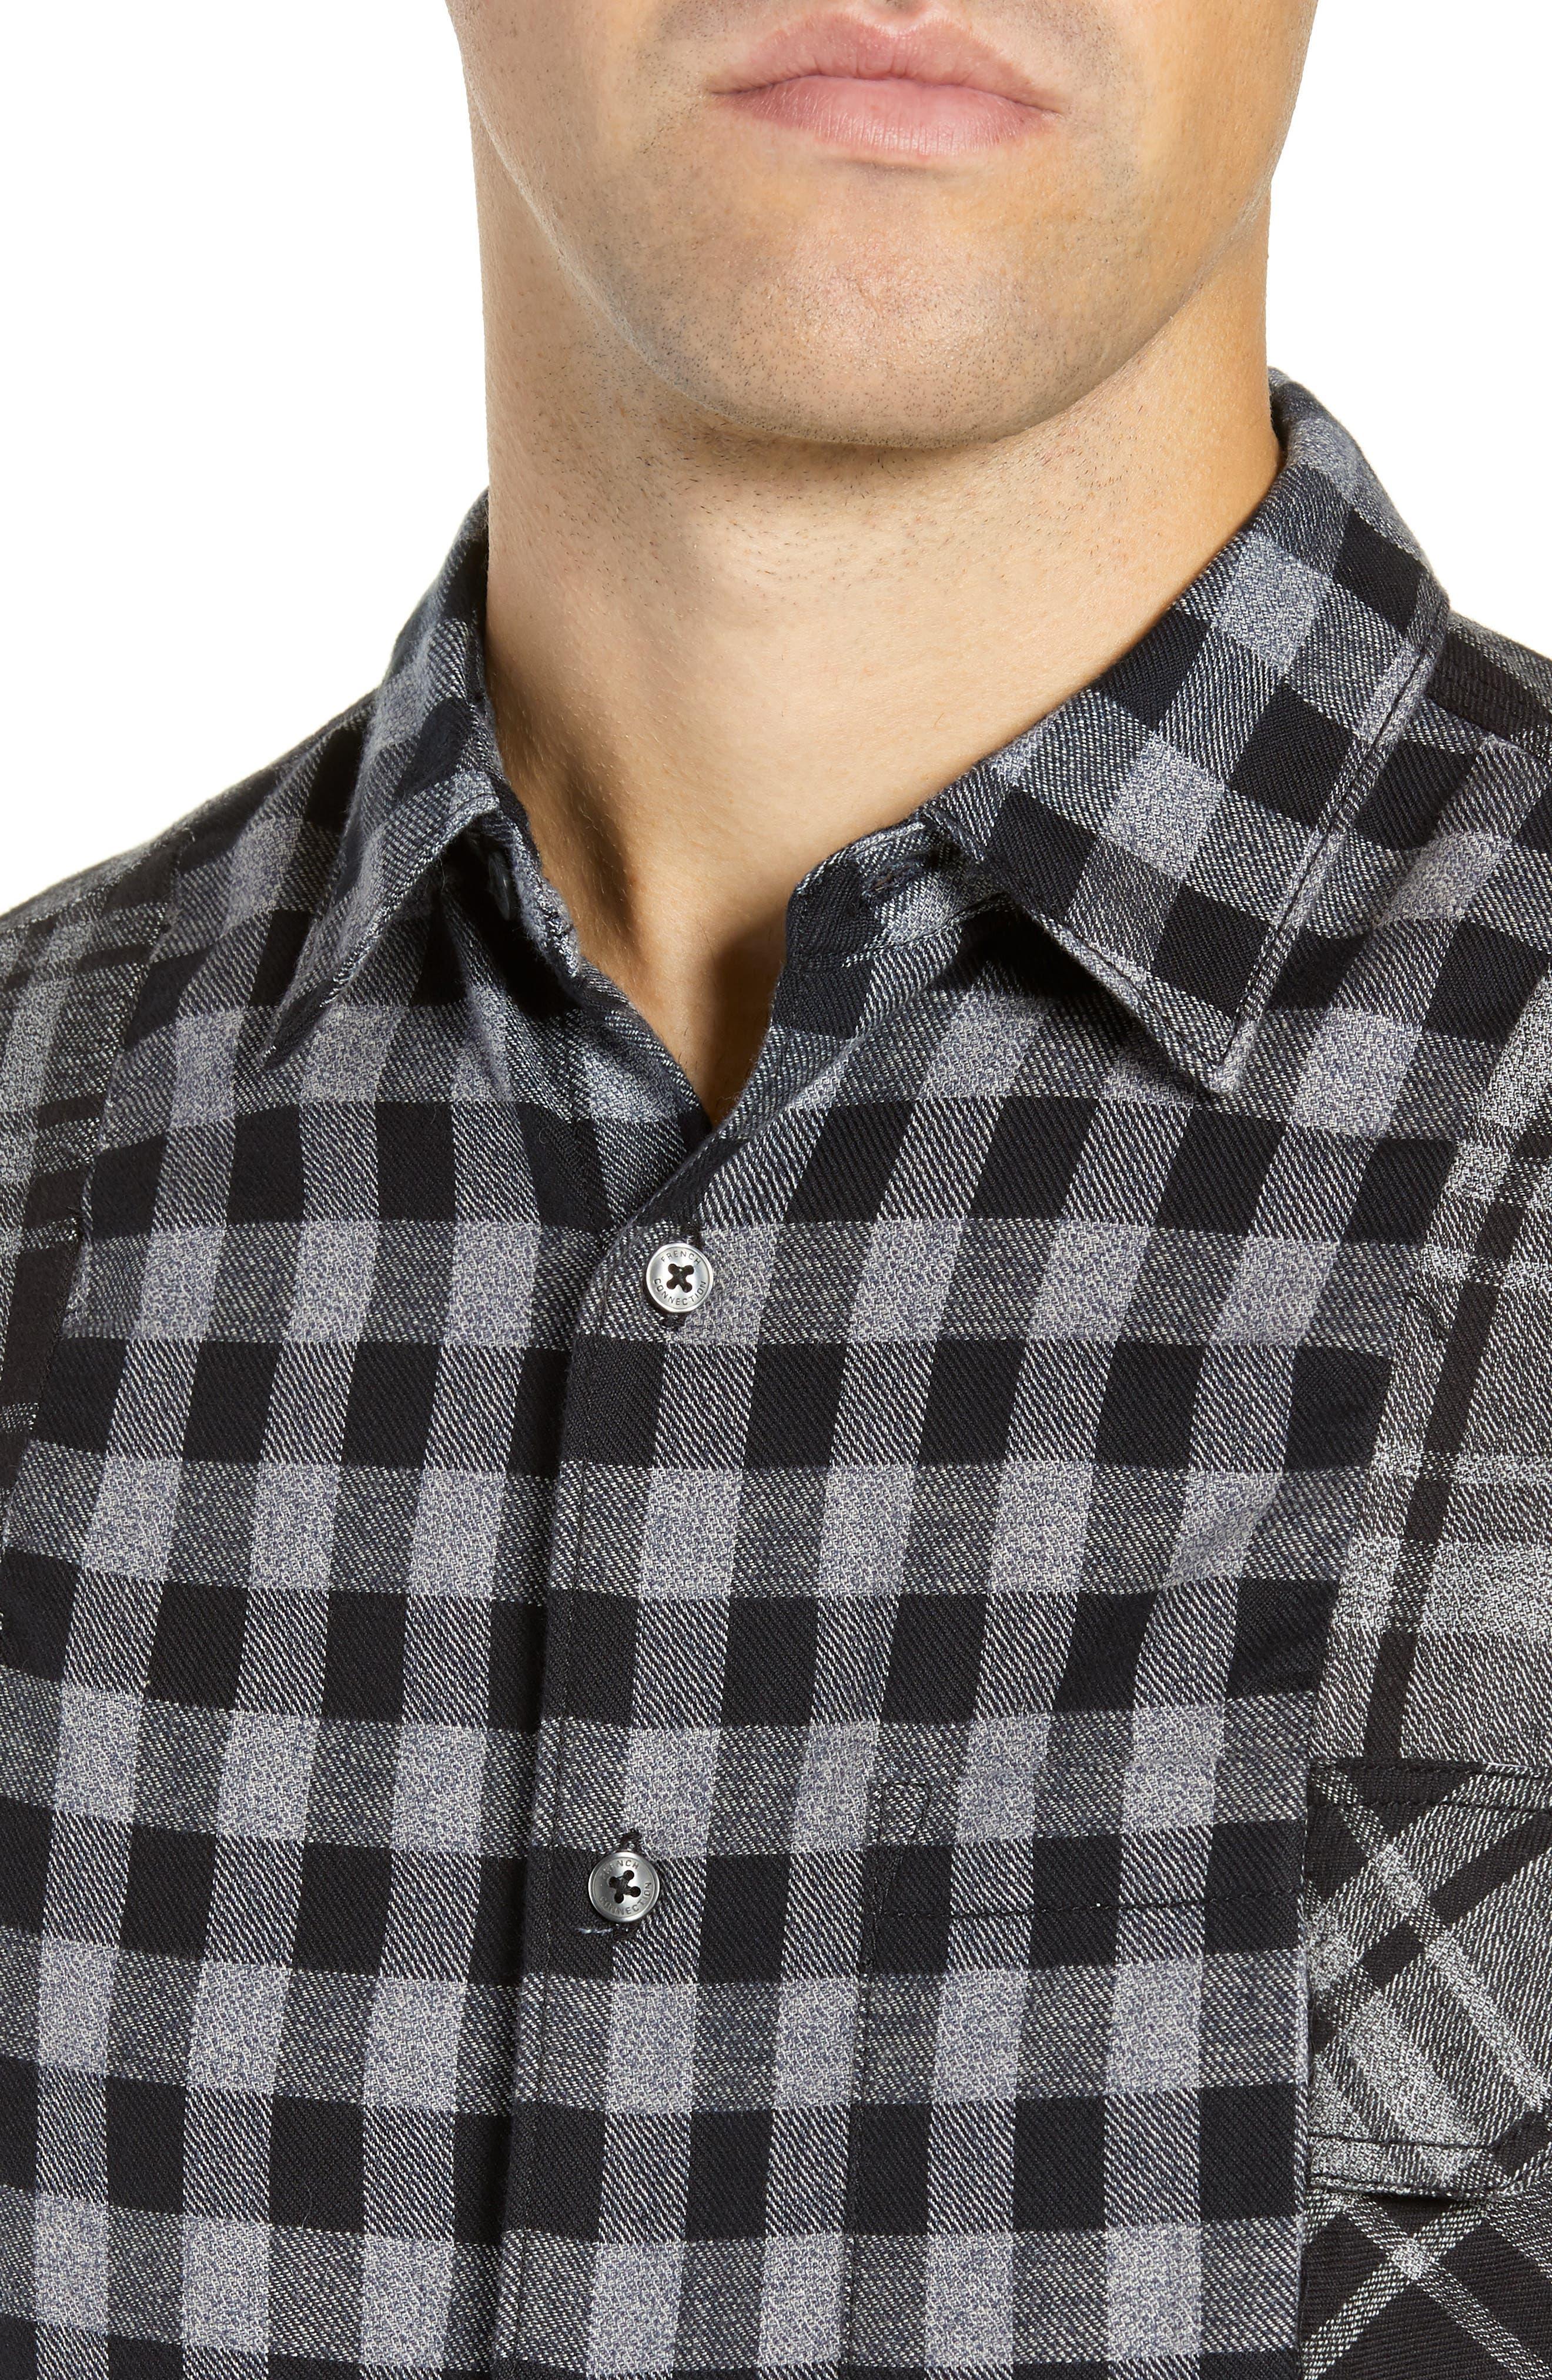 Bits & Pieces Loose Fit Sport Shirt,                             Alternate thumbnail 2, color,                             BLACK CHECKS